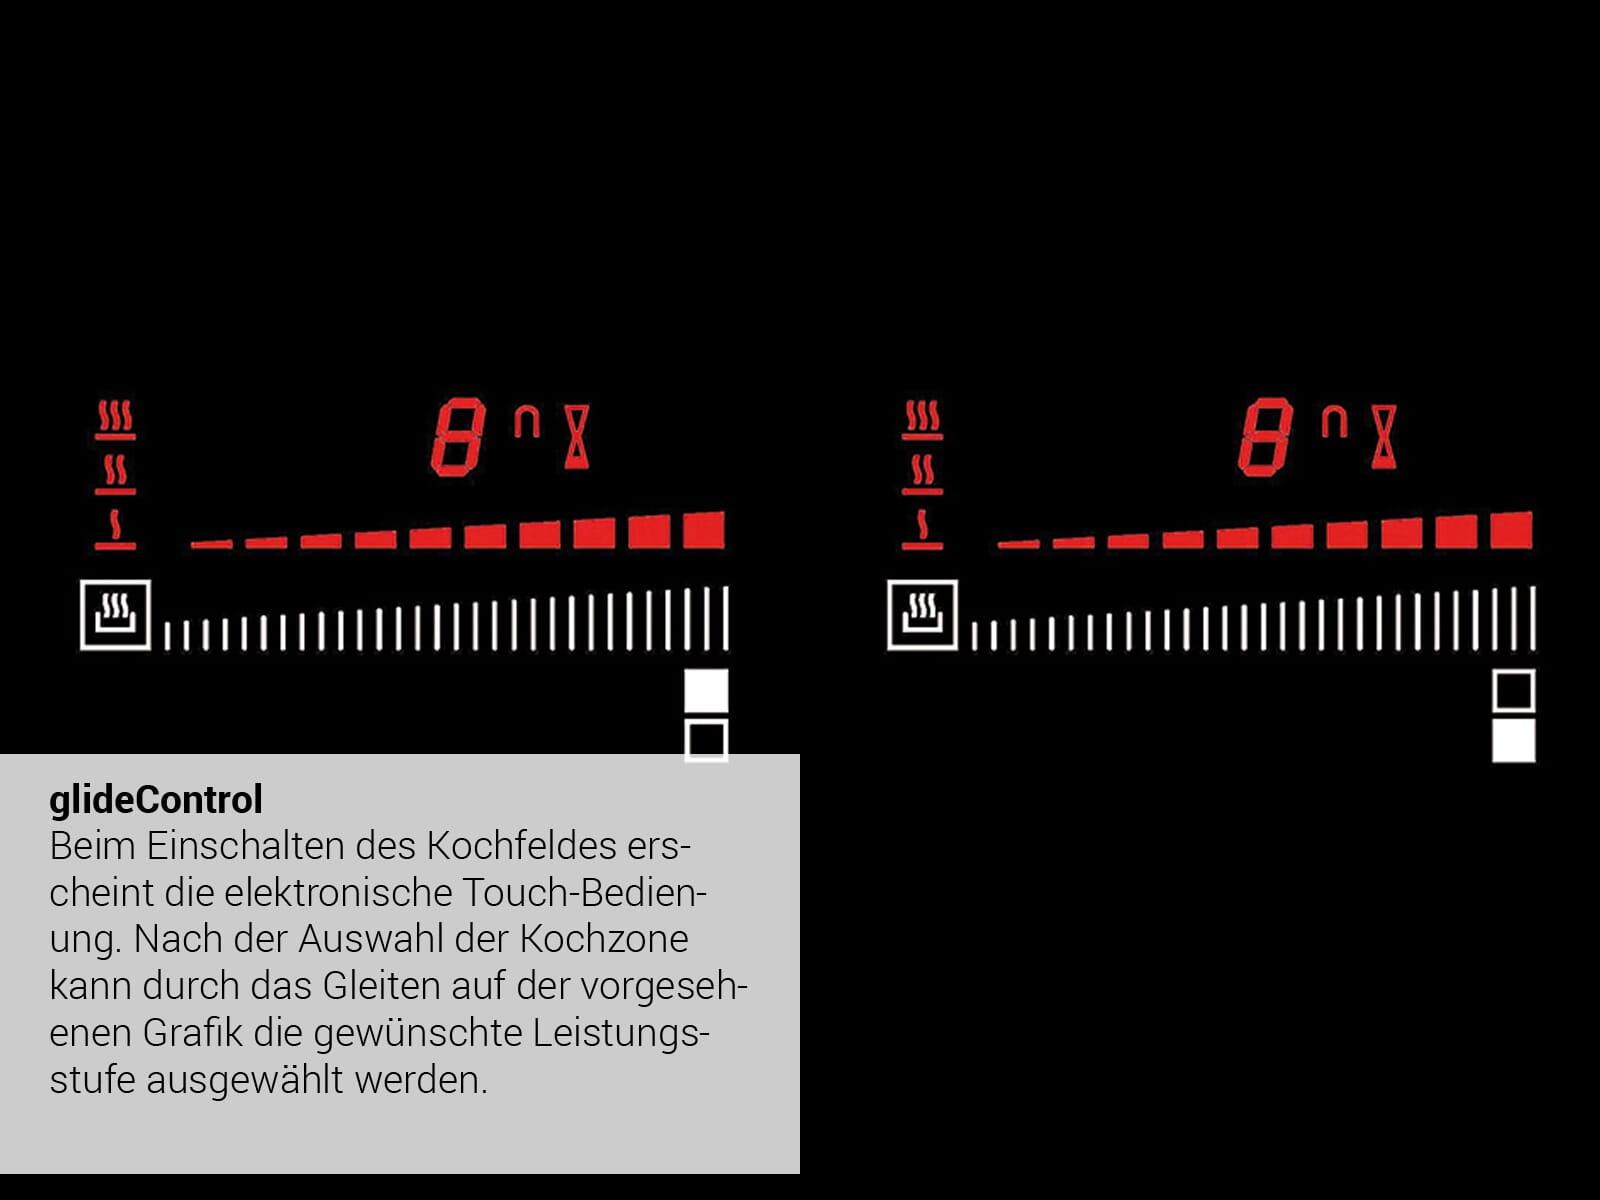 Küppersbusch KI 8820.0 SR K-Series. 8 Induktionskochfeld autark